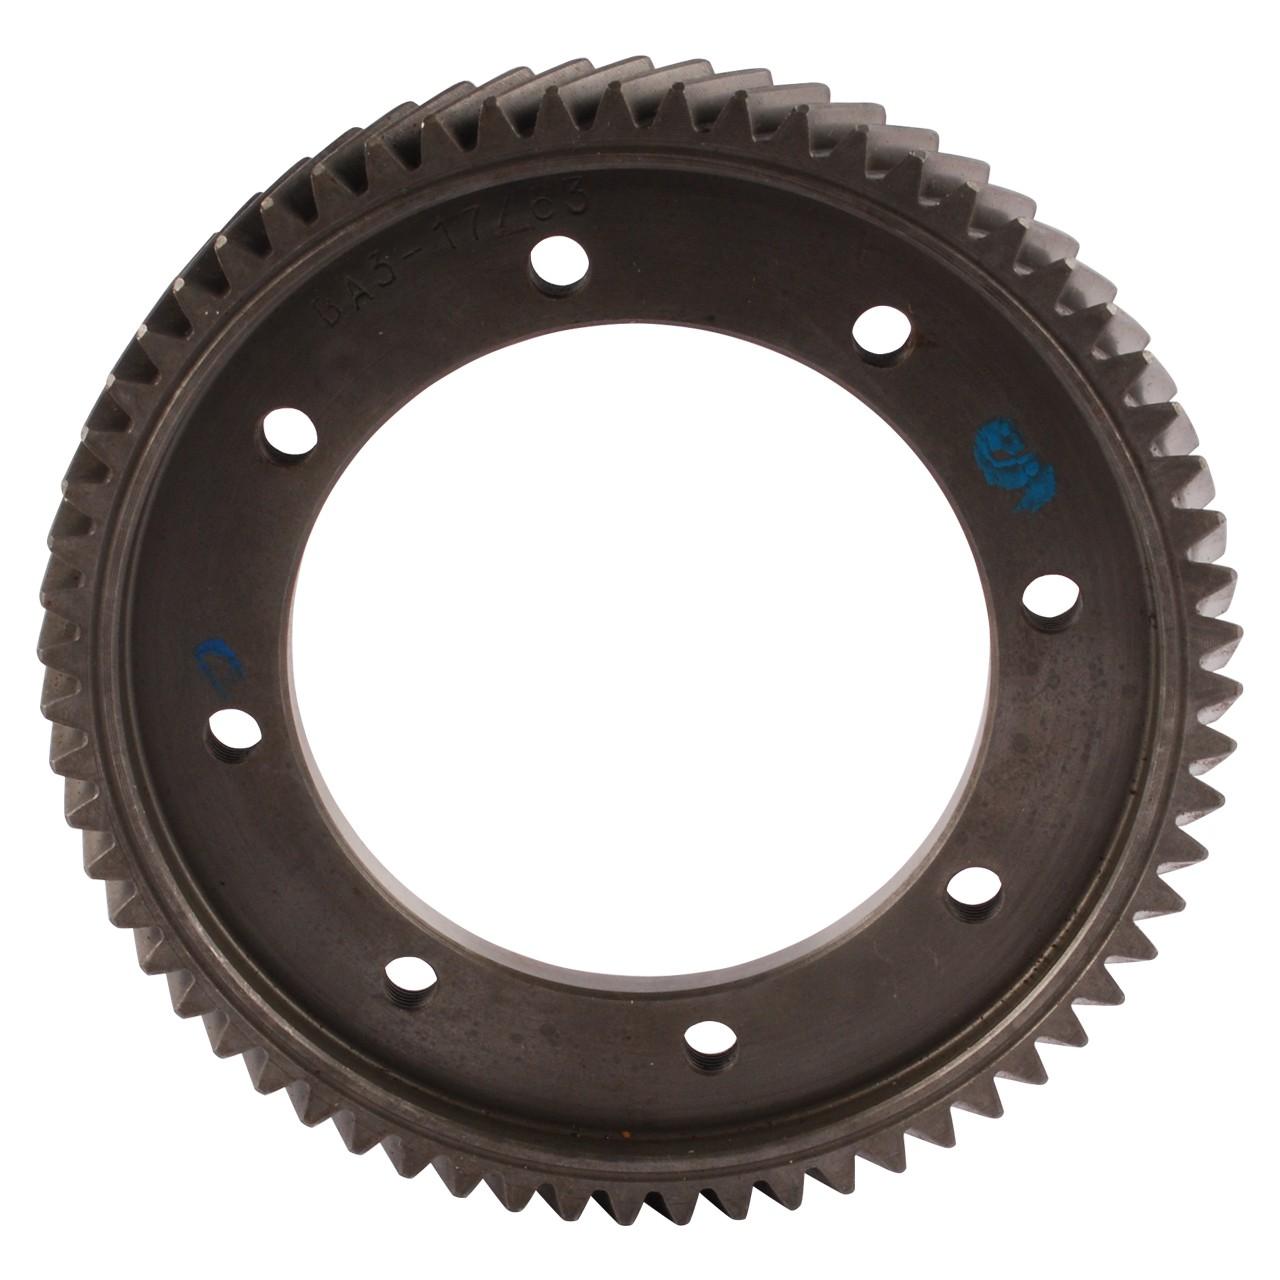 LADA 2108 - 2194 Differential gear, driven